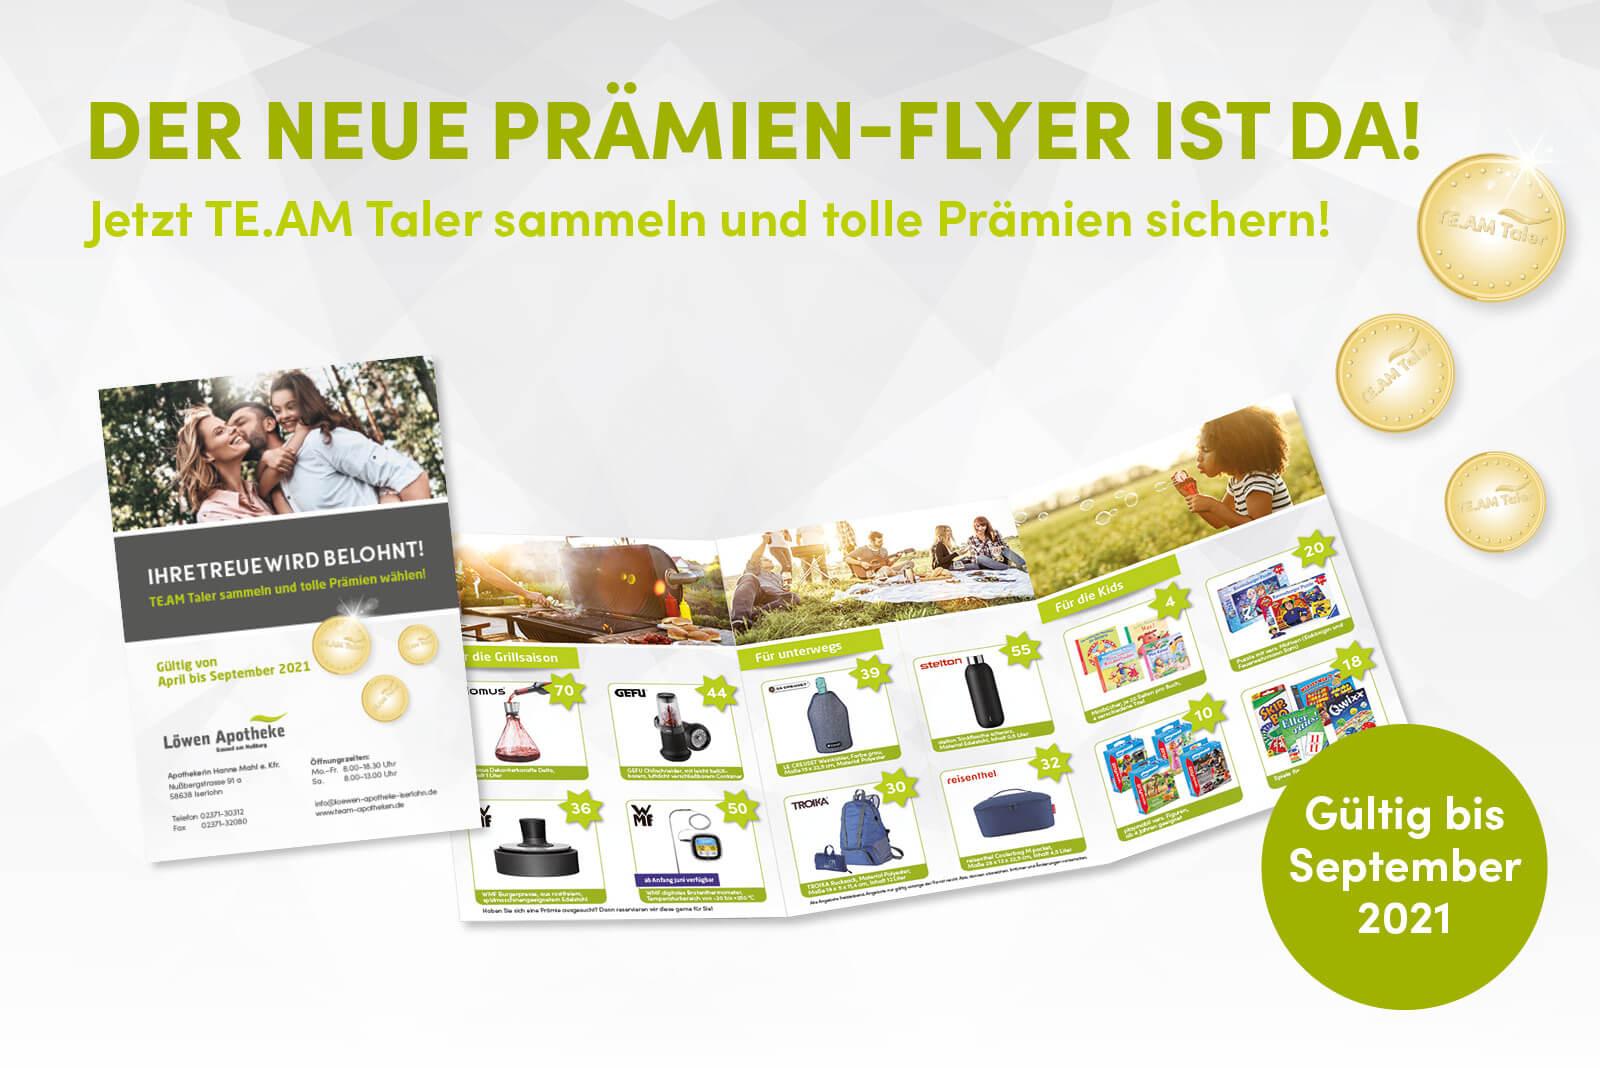 Prämien-Flyer April-September 2021 Löwen Apotheke Iserlohn